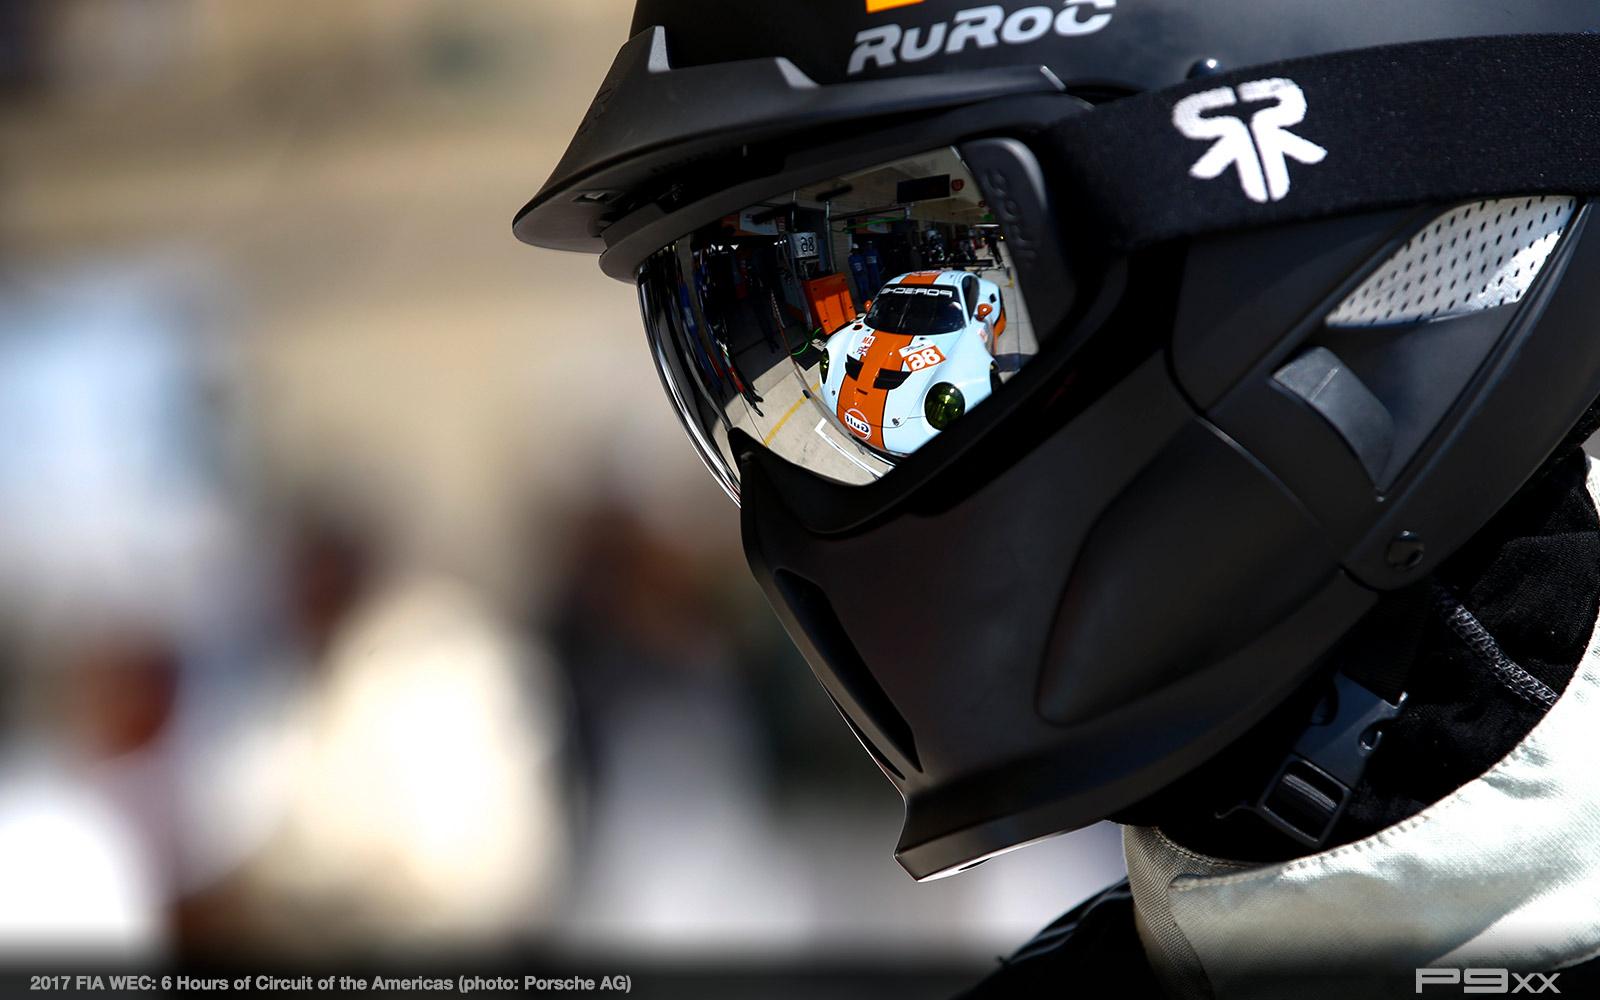 2017-FIA-WEC-6-HOURS-OF-COTA-PORSCHE-392